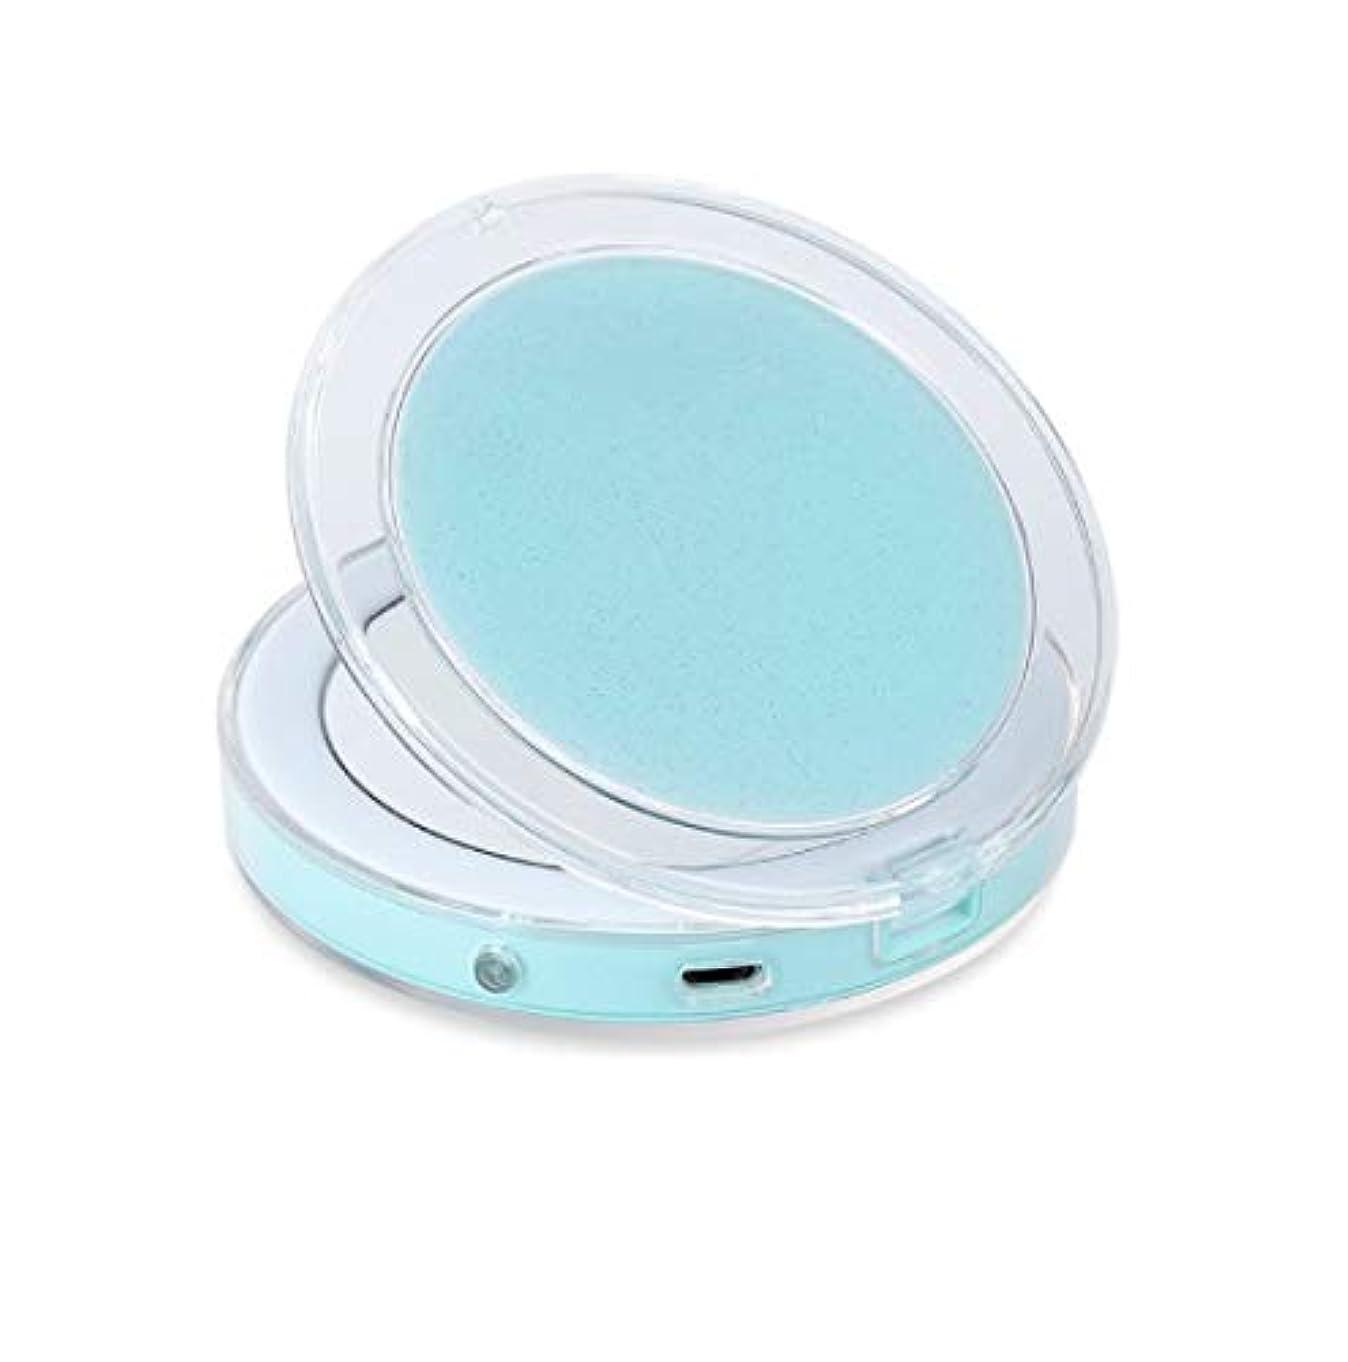 吹きさらしくるくる歯痛ミニポータブルled化粧鏡折りたたみ光化粧鏡3回小さな夜の光ミラー (Color : グリーン)